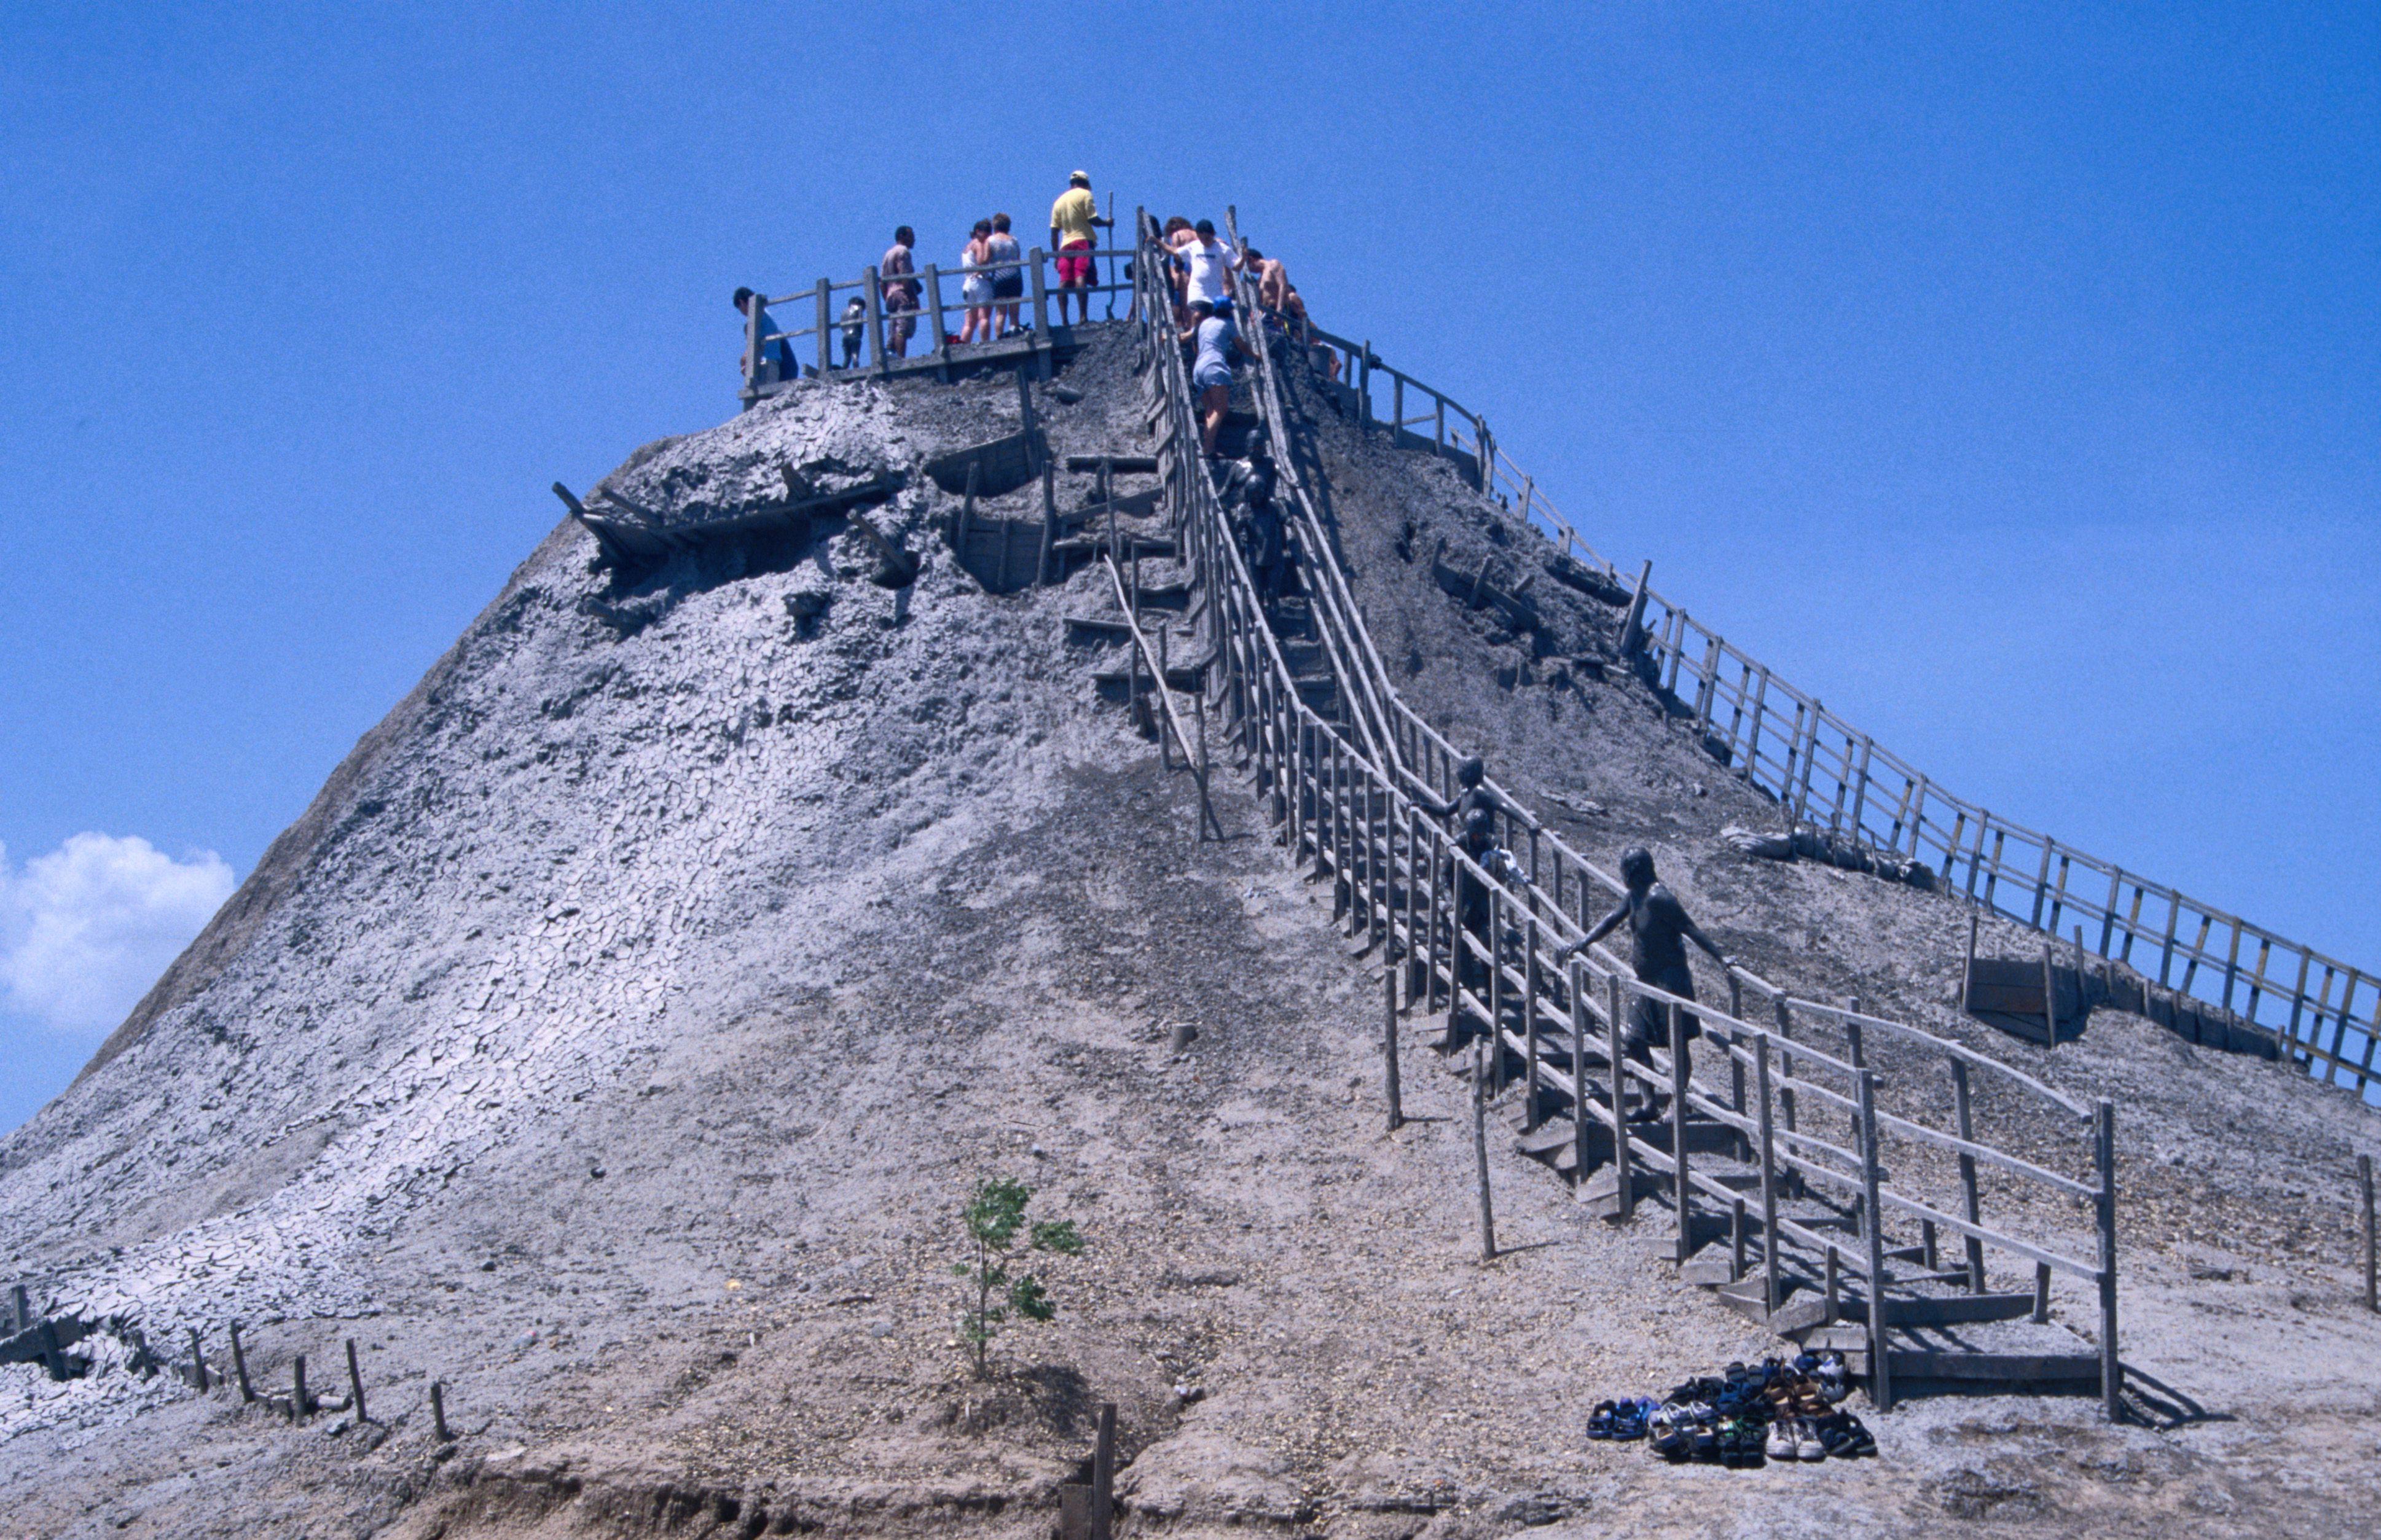 Volcan de Lodo El Totumo, an unusual 15m-tall mud volcano on the bank of a coastal lagoon near Cartagena, providing a unique healthy mud bath